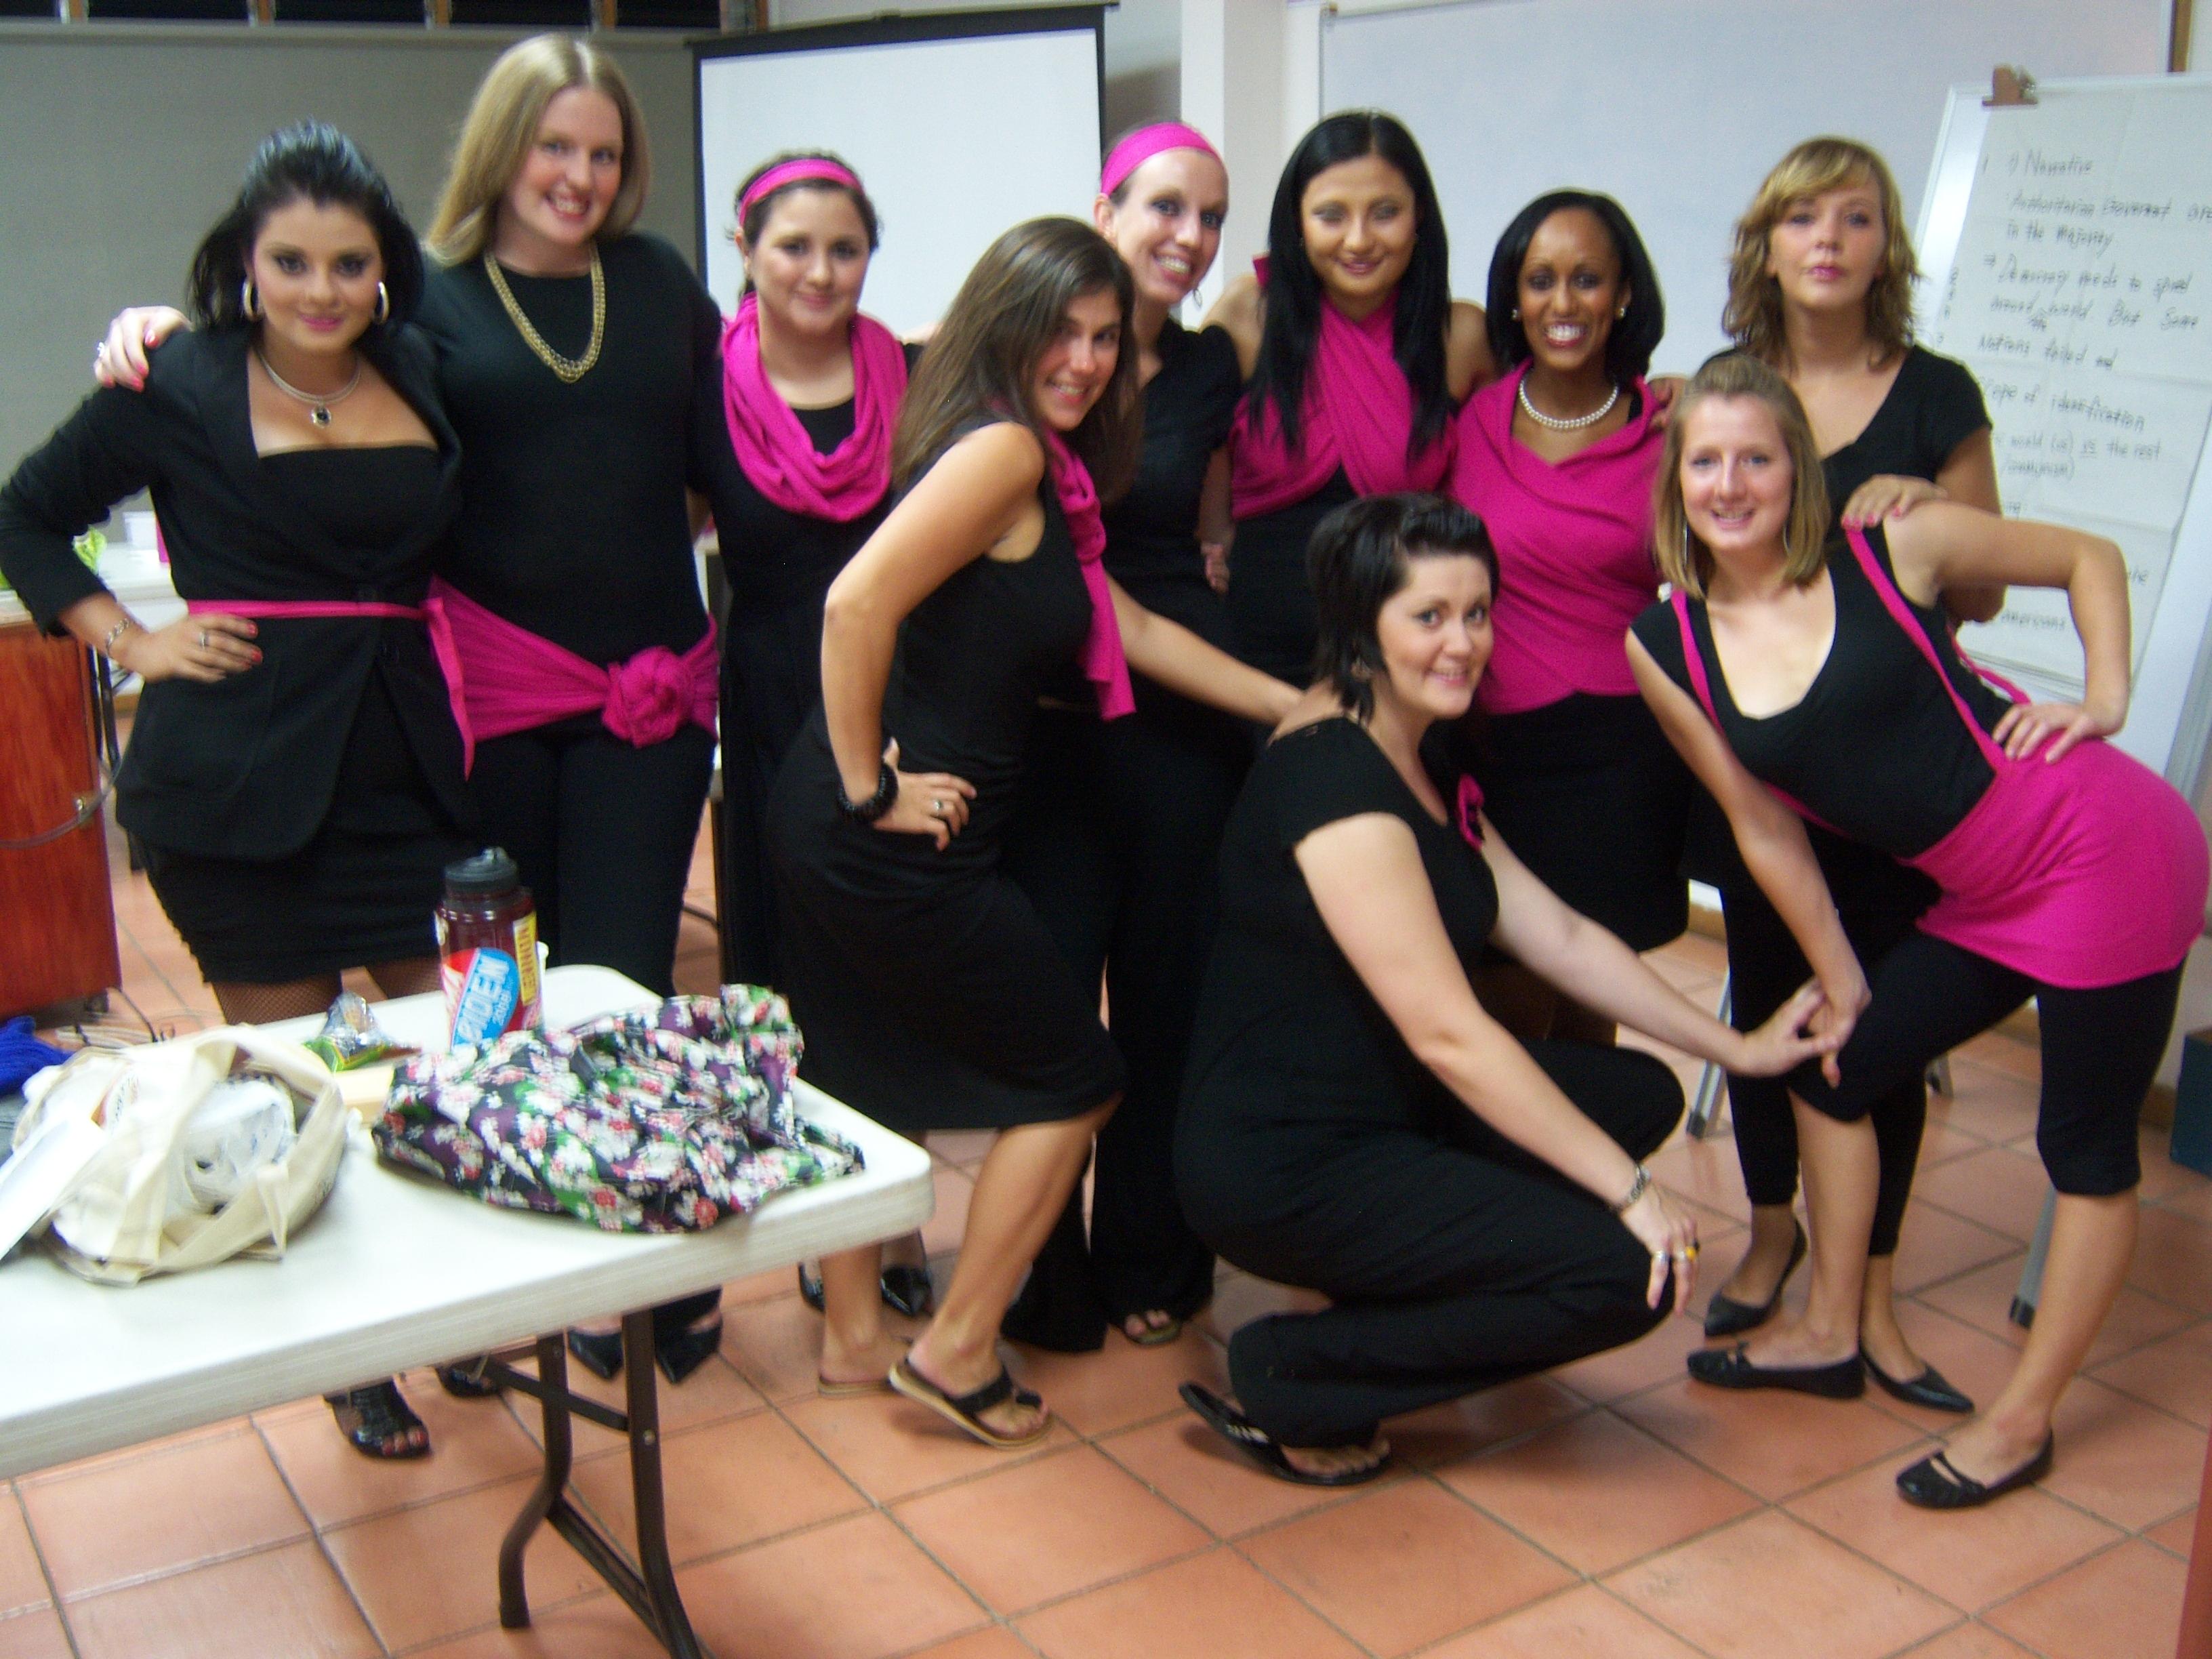 Eve Ensler V Day